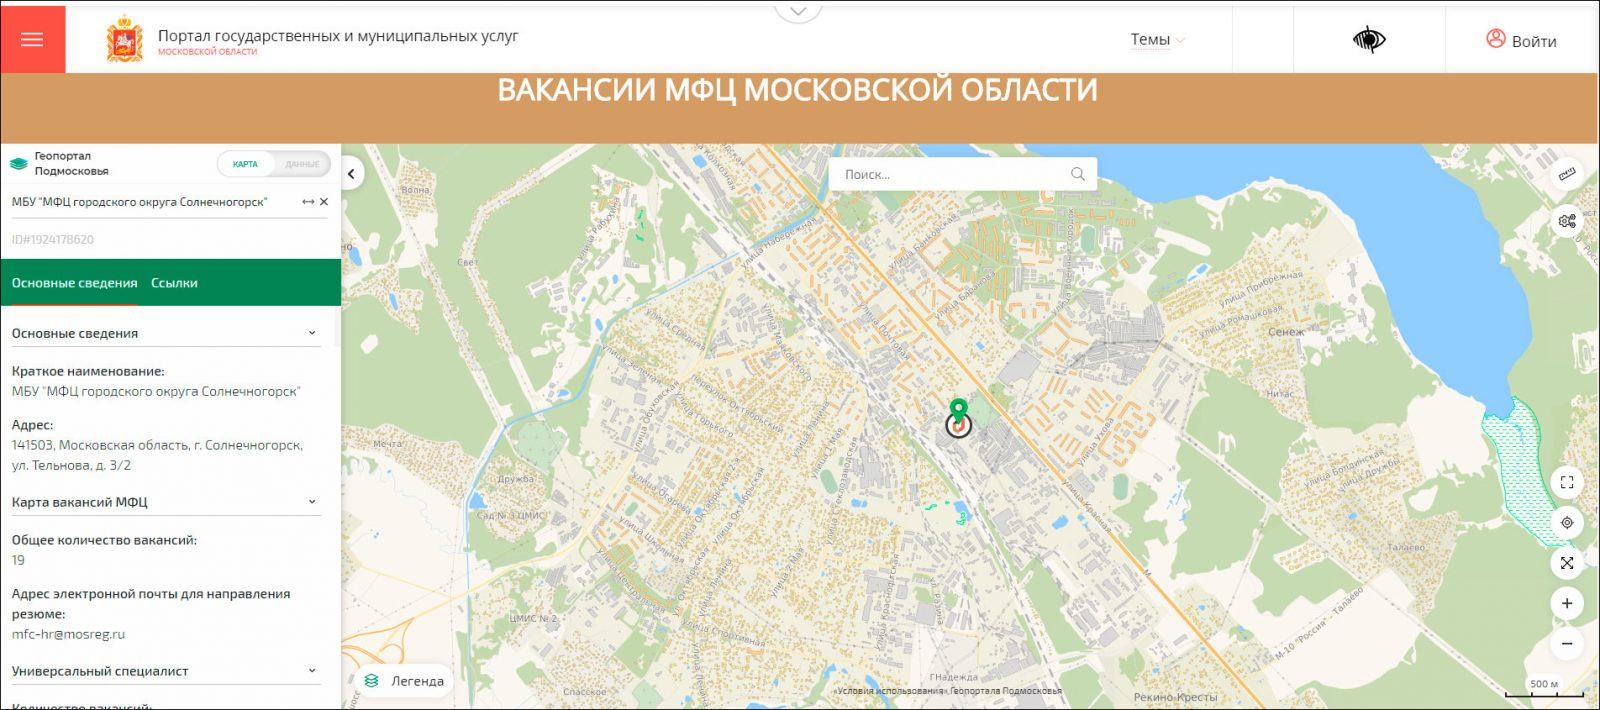 Вакансии МФЦ Московской области нанесены на онлайн-карту